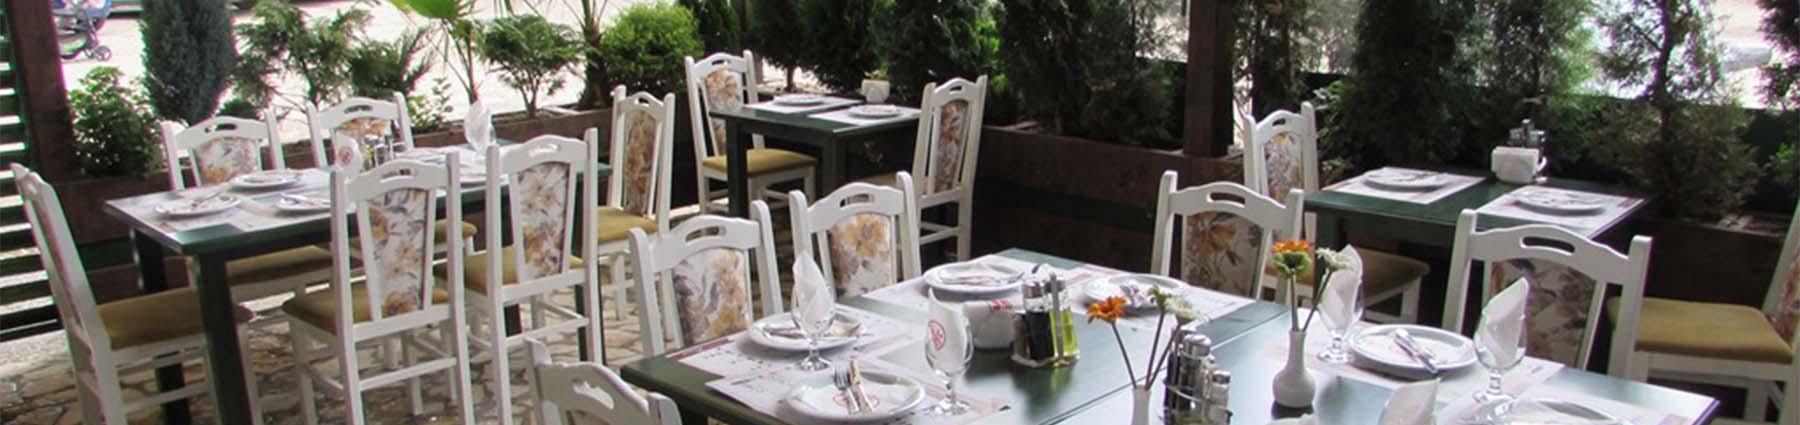 Ресторан Југ